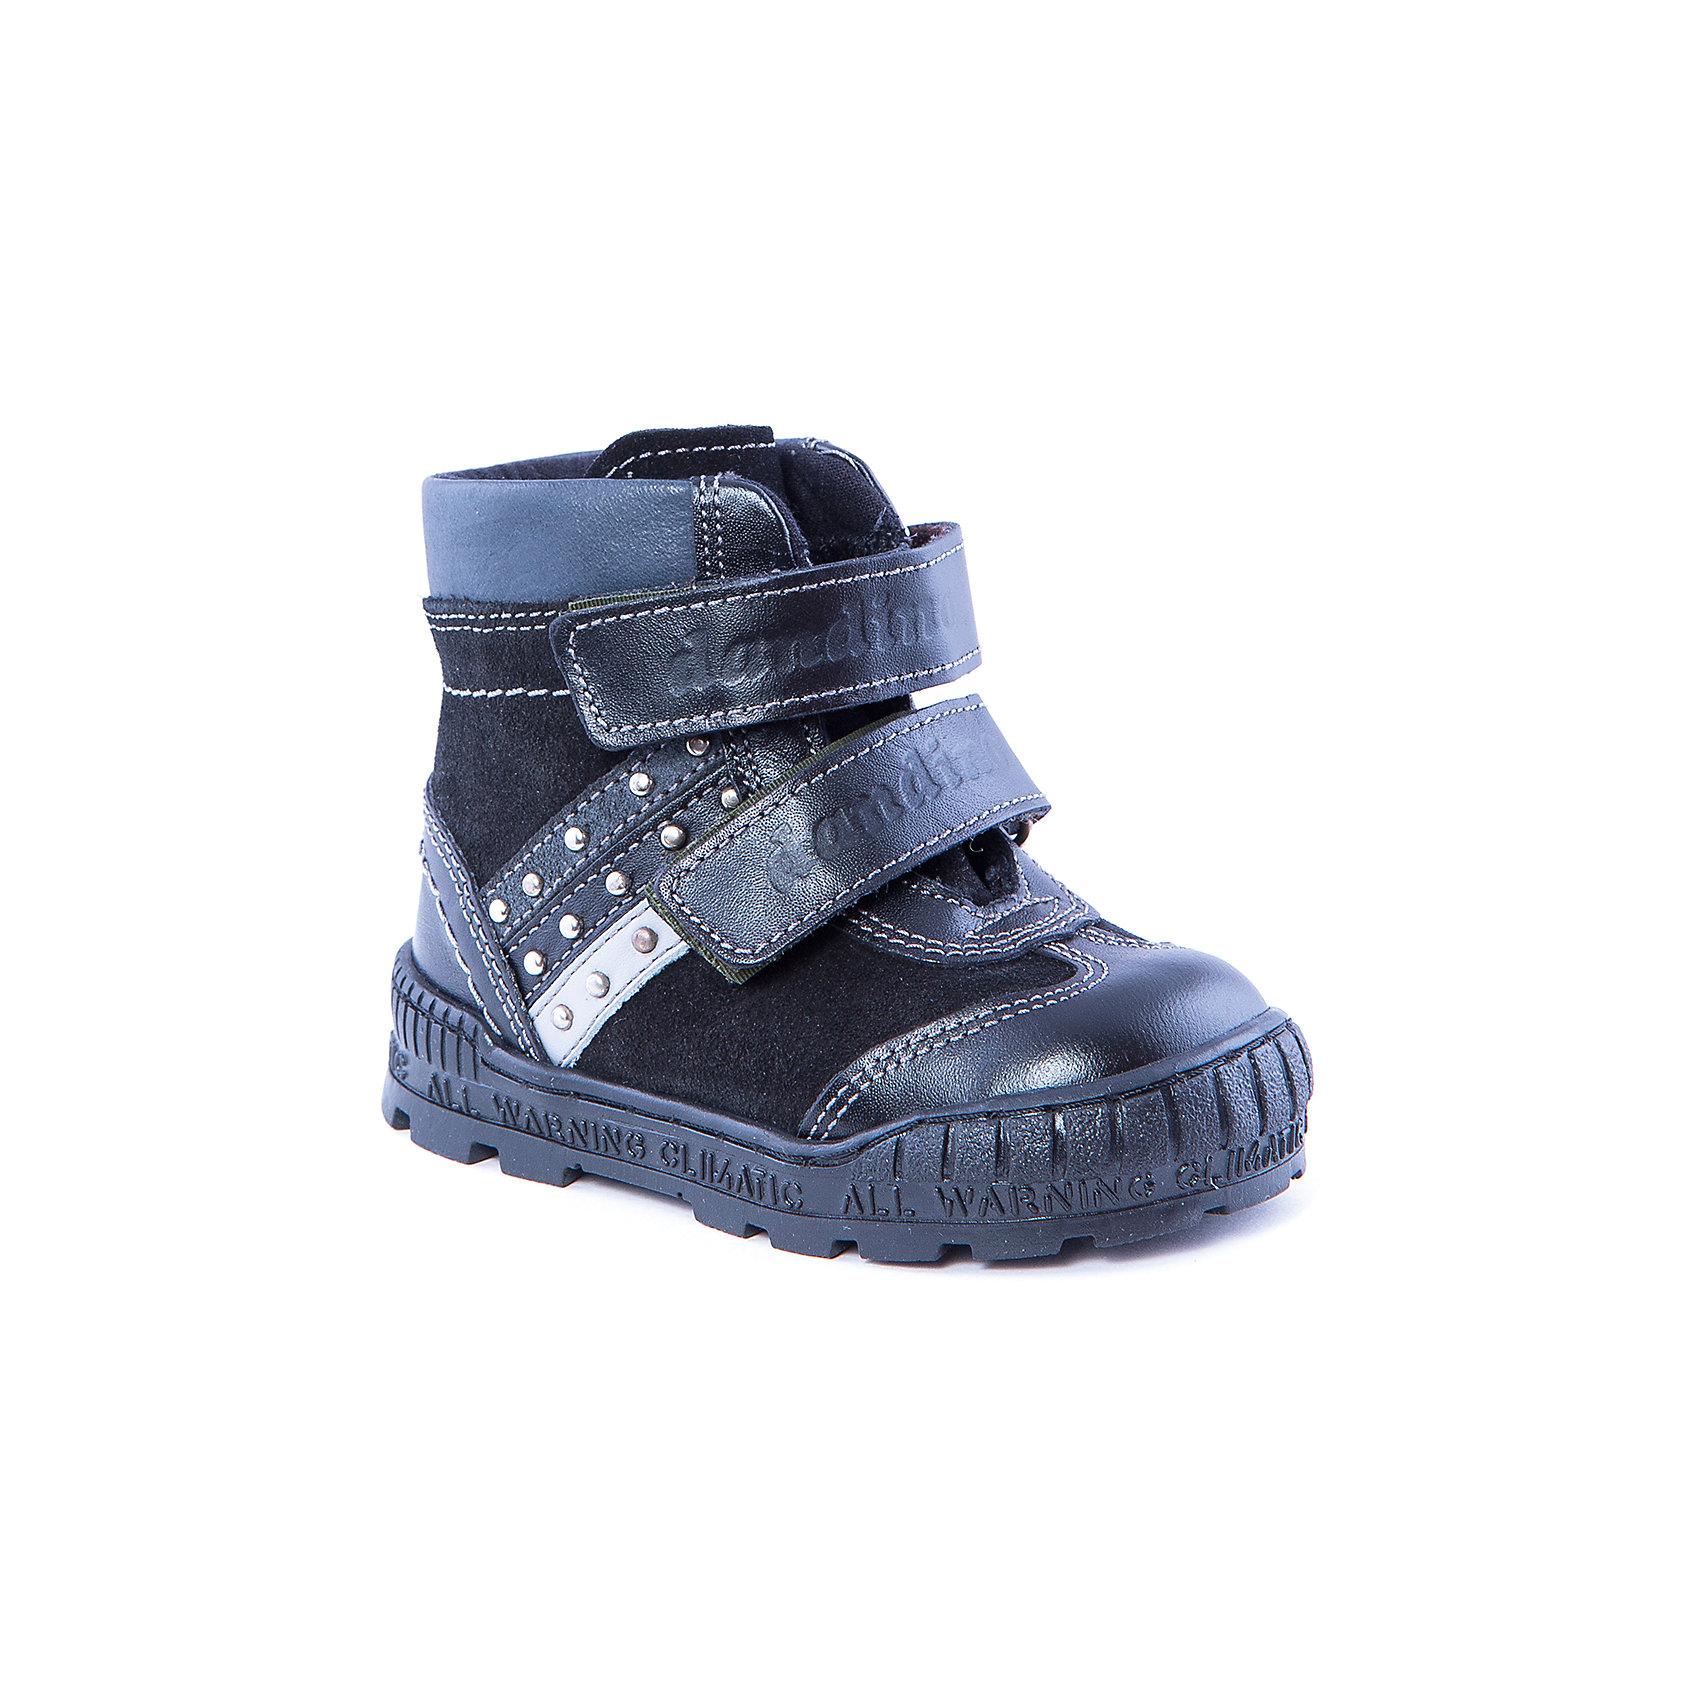 Полусапожки  для мальчика DandinoПолусапожки  для мальчика от известного российского бренда  Dandino<br><br>Универсальные черные полусапожки помогут детской стопе формироваться правильно. Компания Dandino использует при производстве своей ортопедической обуви подтвержденные технологии и качественные материалы. <br>Натуральная телячья кожа, которая применяется для изготовления ботинок и сапожек позволяет обеспечить комфорт и предотвратить натирание. Изделия легко надеваются и комфортно садятся по ноге.<br><br>Особенности модели: <br><br>- цвет - черный;<br>- аппликация со стразами сбоку;<br>- натуральный мех в качестве подкладки;<br>- верх – натуральная кожа;<br>- контрастная прошивка;<br>- комфортная колодка;<br>- жесткий задник;<br>- защита пальцев;<br>- амортизирующая устойчивая подошва;<br>- застежки - две липучки.<br><br>Дополнительная информация:<br><br>Температурный режим: <br><br>от -20° С до -0° С<br><br>Состав:<br><br>верх – натуральная кожа;<br>подкладка - натуральный мех;<br>подошва - ТЭП.<br><br>Полусапожки для мальчика от бренда Dandino (Дандино) можно купить в нашем магазине.<br><br>Ширина мм: 257<br>Глубина мм: 180<br>Высота мм: 130<br>Вес г: 420<br>Цвет: черный<br>Возраст от месяцев: 12<br>Возраст до месяцев: 15<br>Пол: Мужской<br>Возраст: Детский<br>Размер: 21,22,20,23,24<br>SKU: 4339310